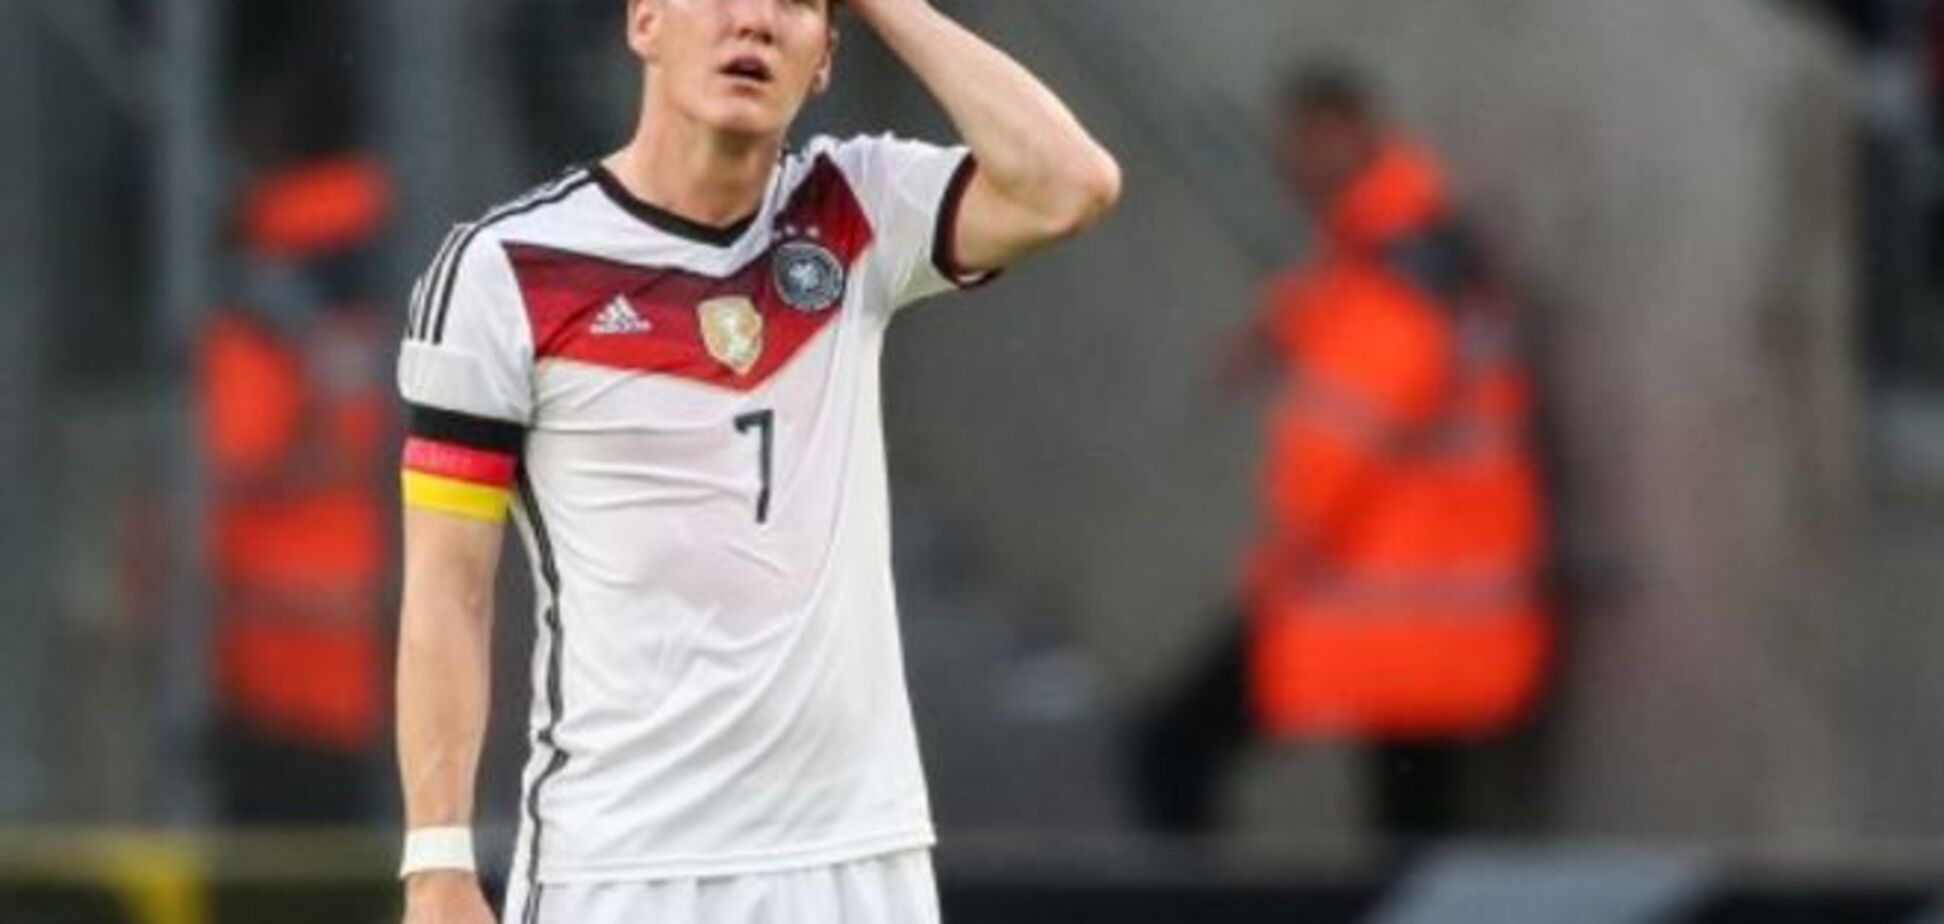 Капитан сборной Германии опозорился в Гибралтаре: видео курьеза